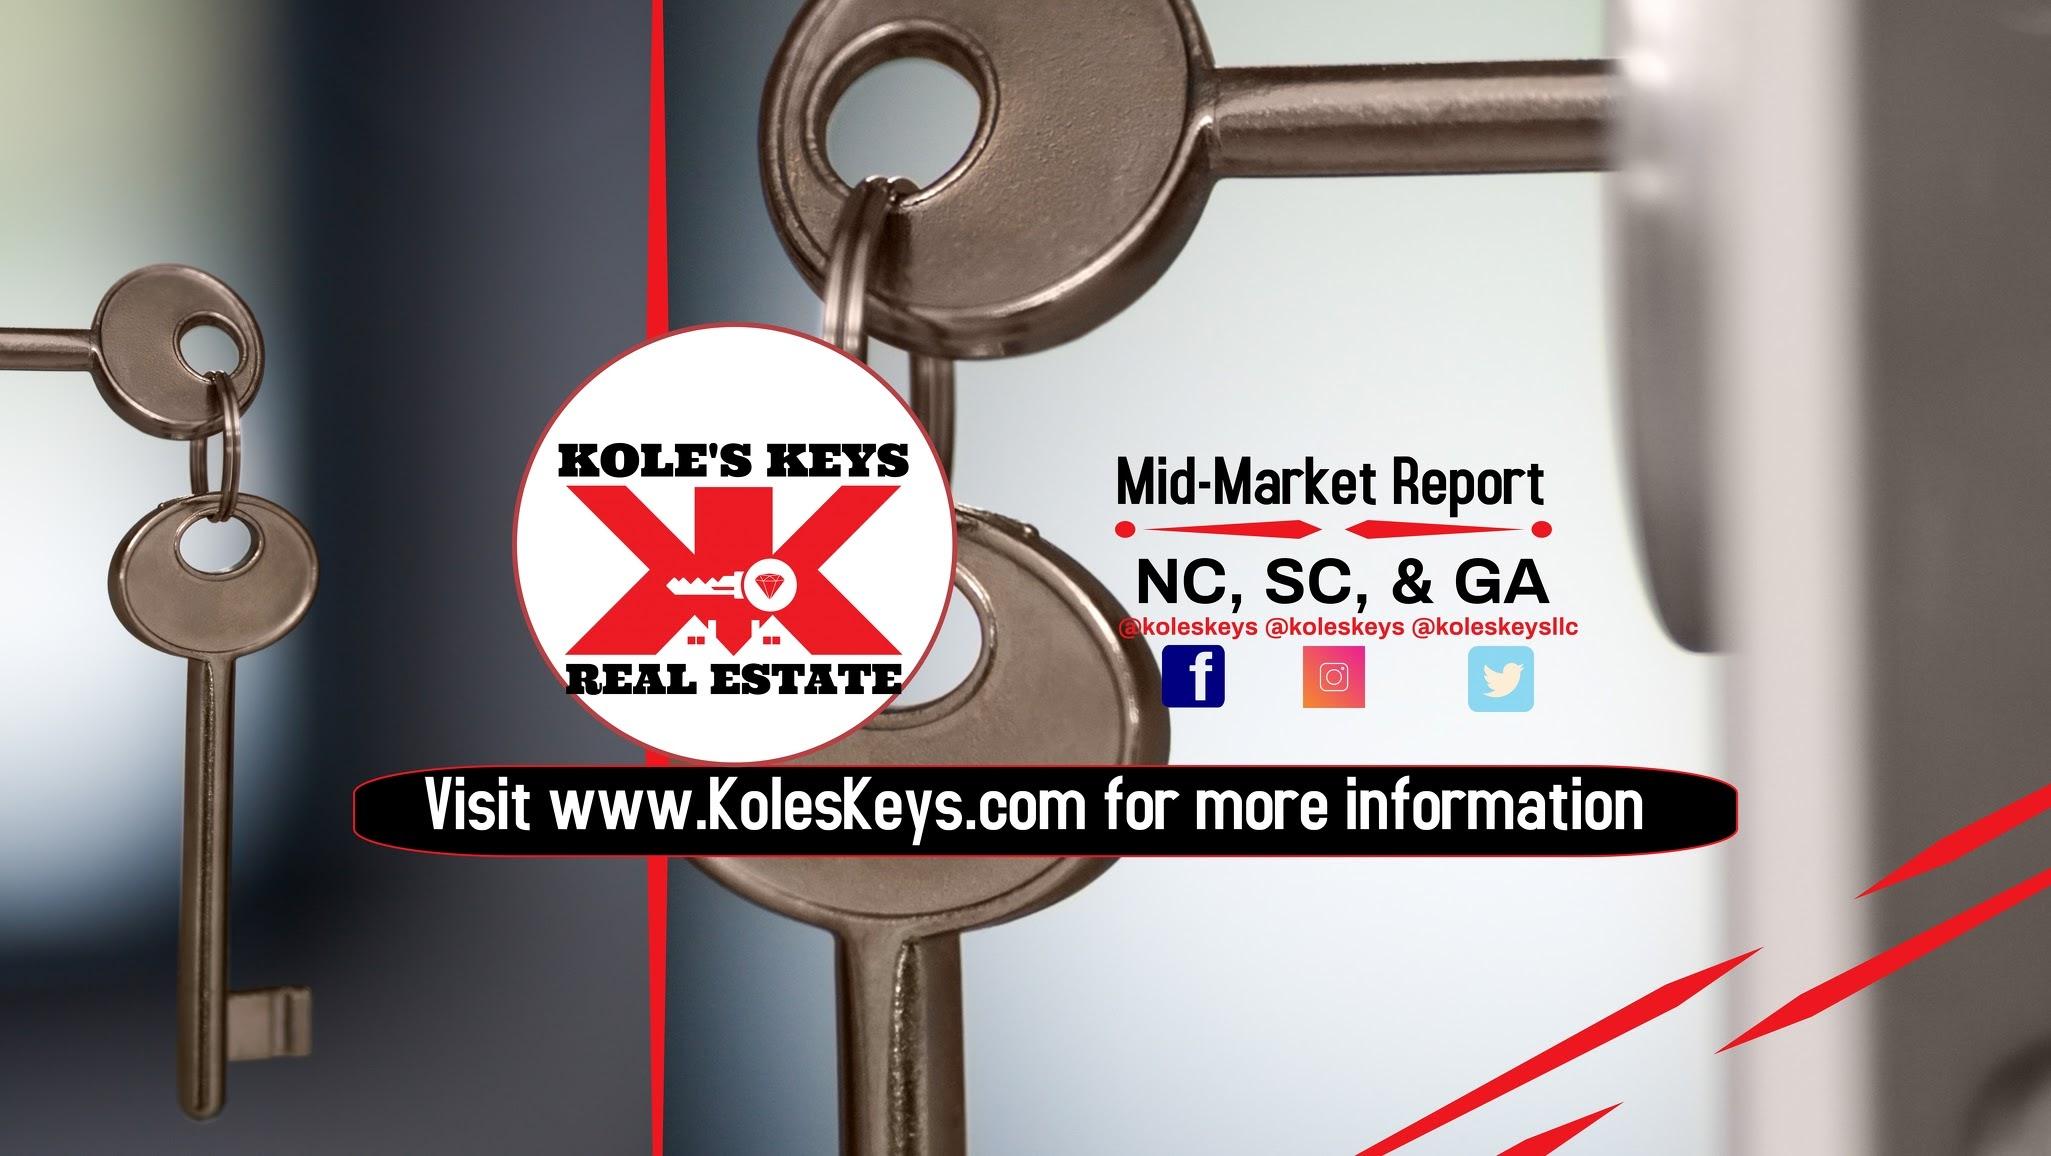 Kole's Keys